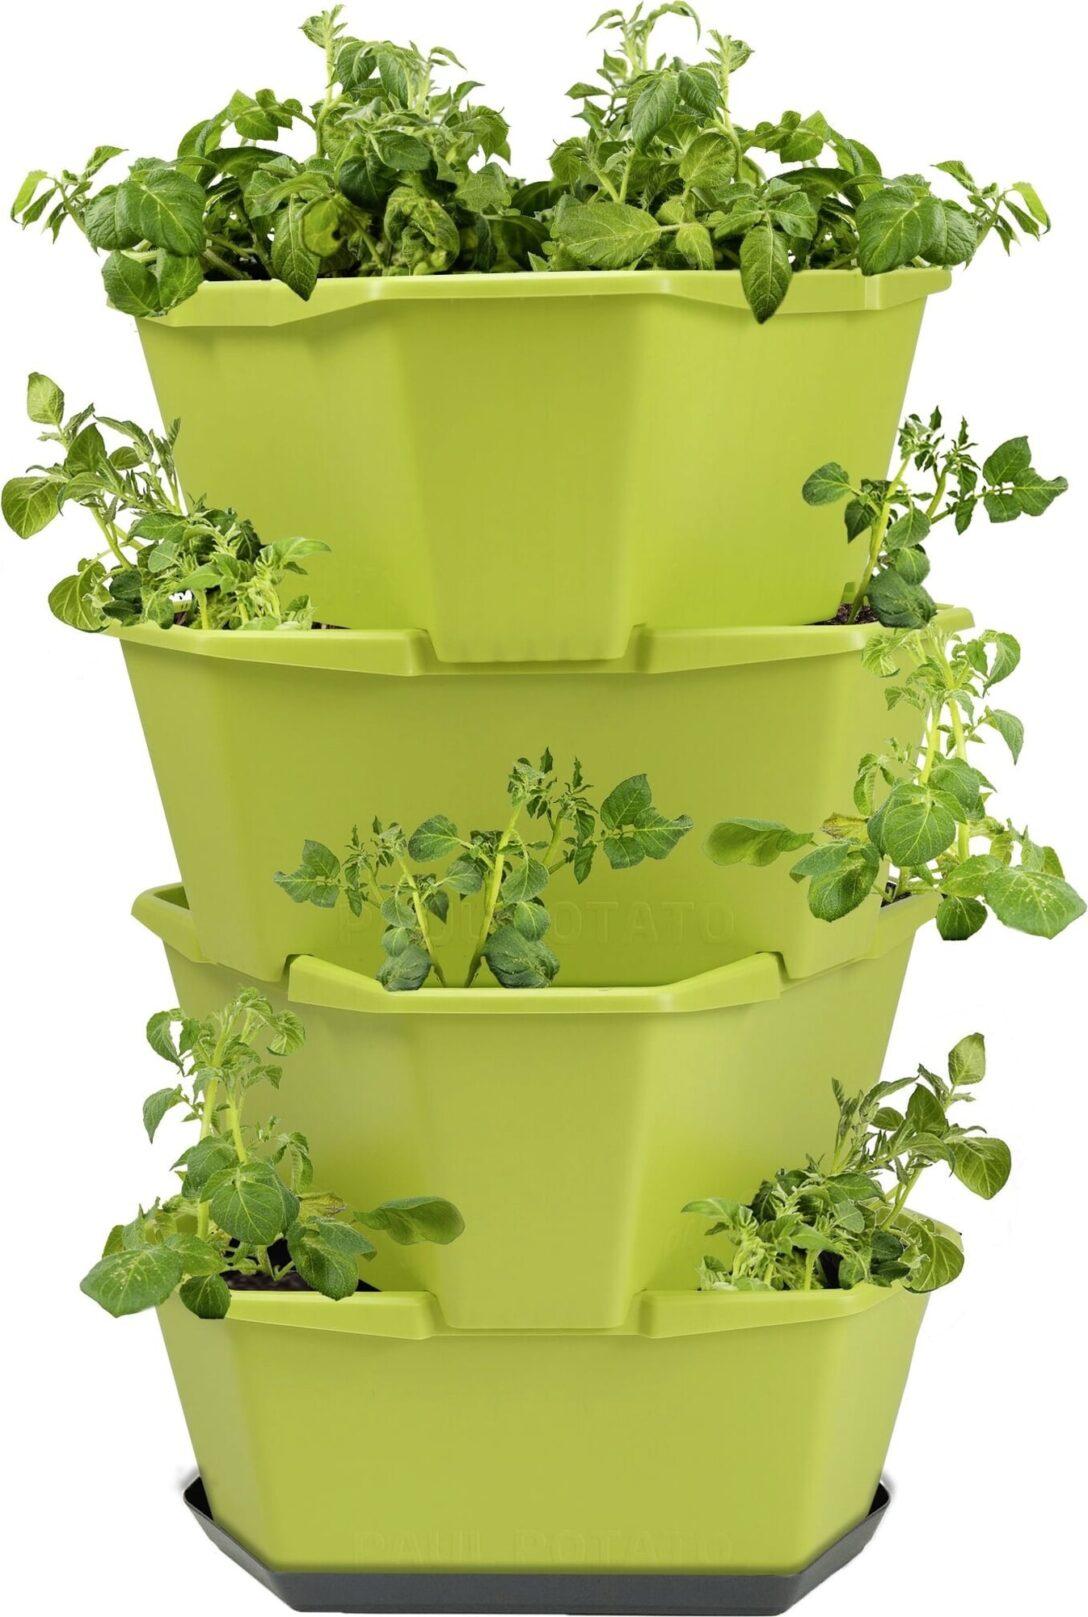 Paul Potato Kartoffelturm Erfahrungen Gusta Garden Starter 4 Etagen Grn Bloomling